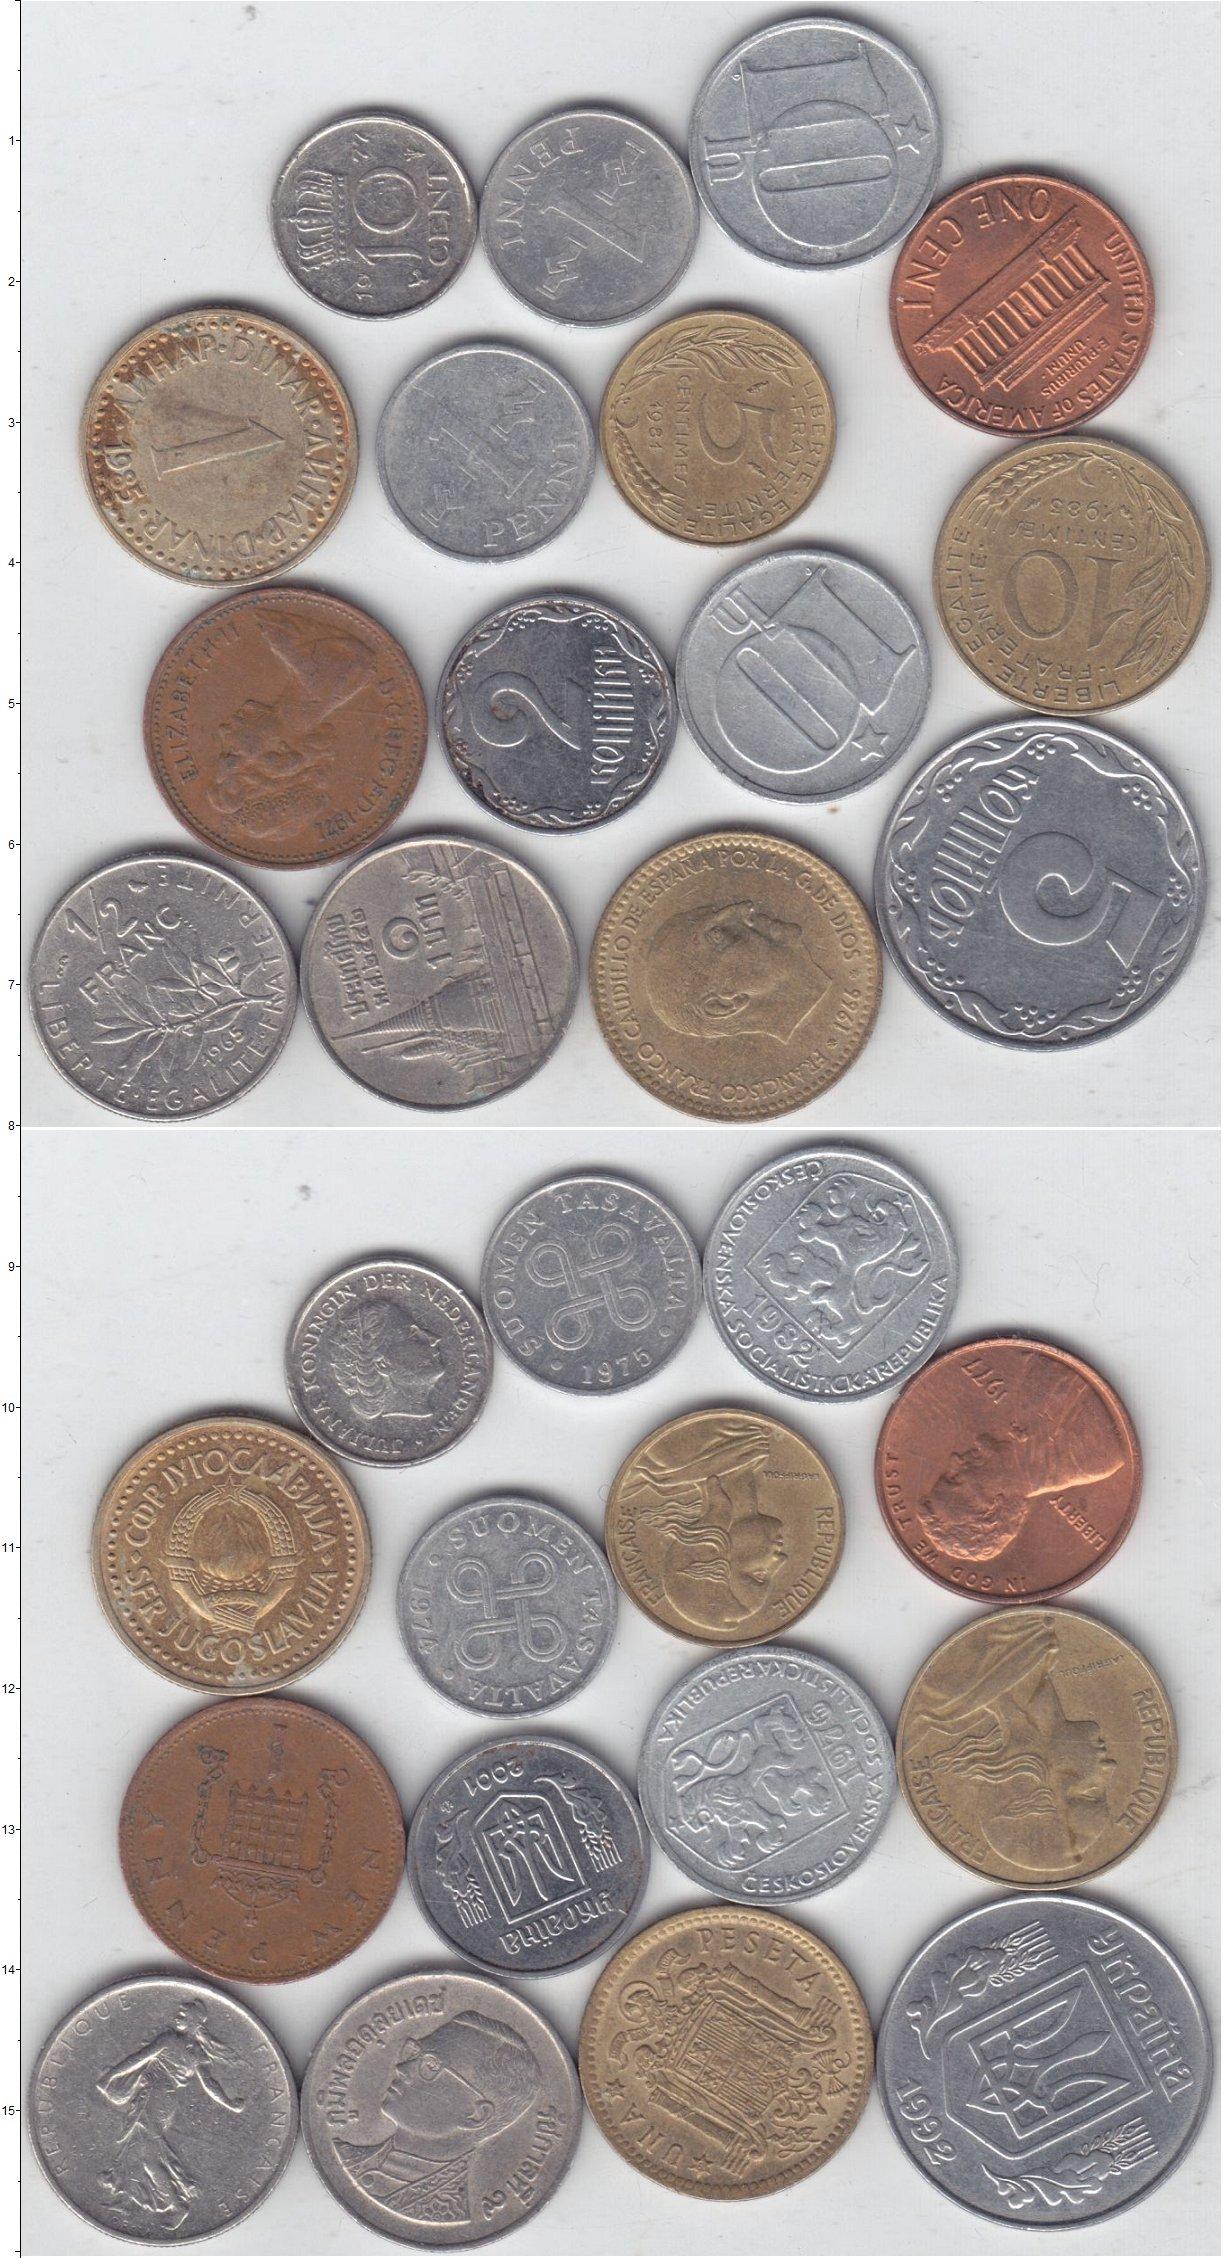 Картинка Лоты монет для начинающих нумизматов Монеты стран мира Лот №01296  0